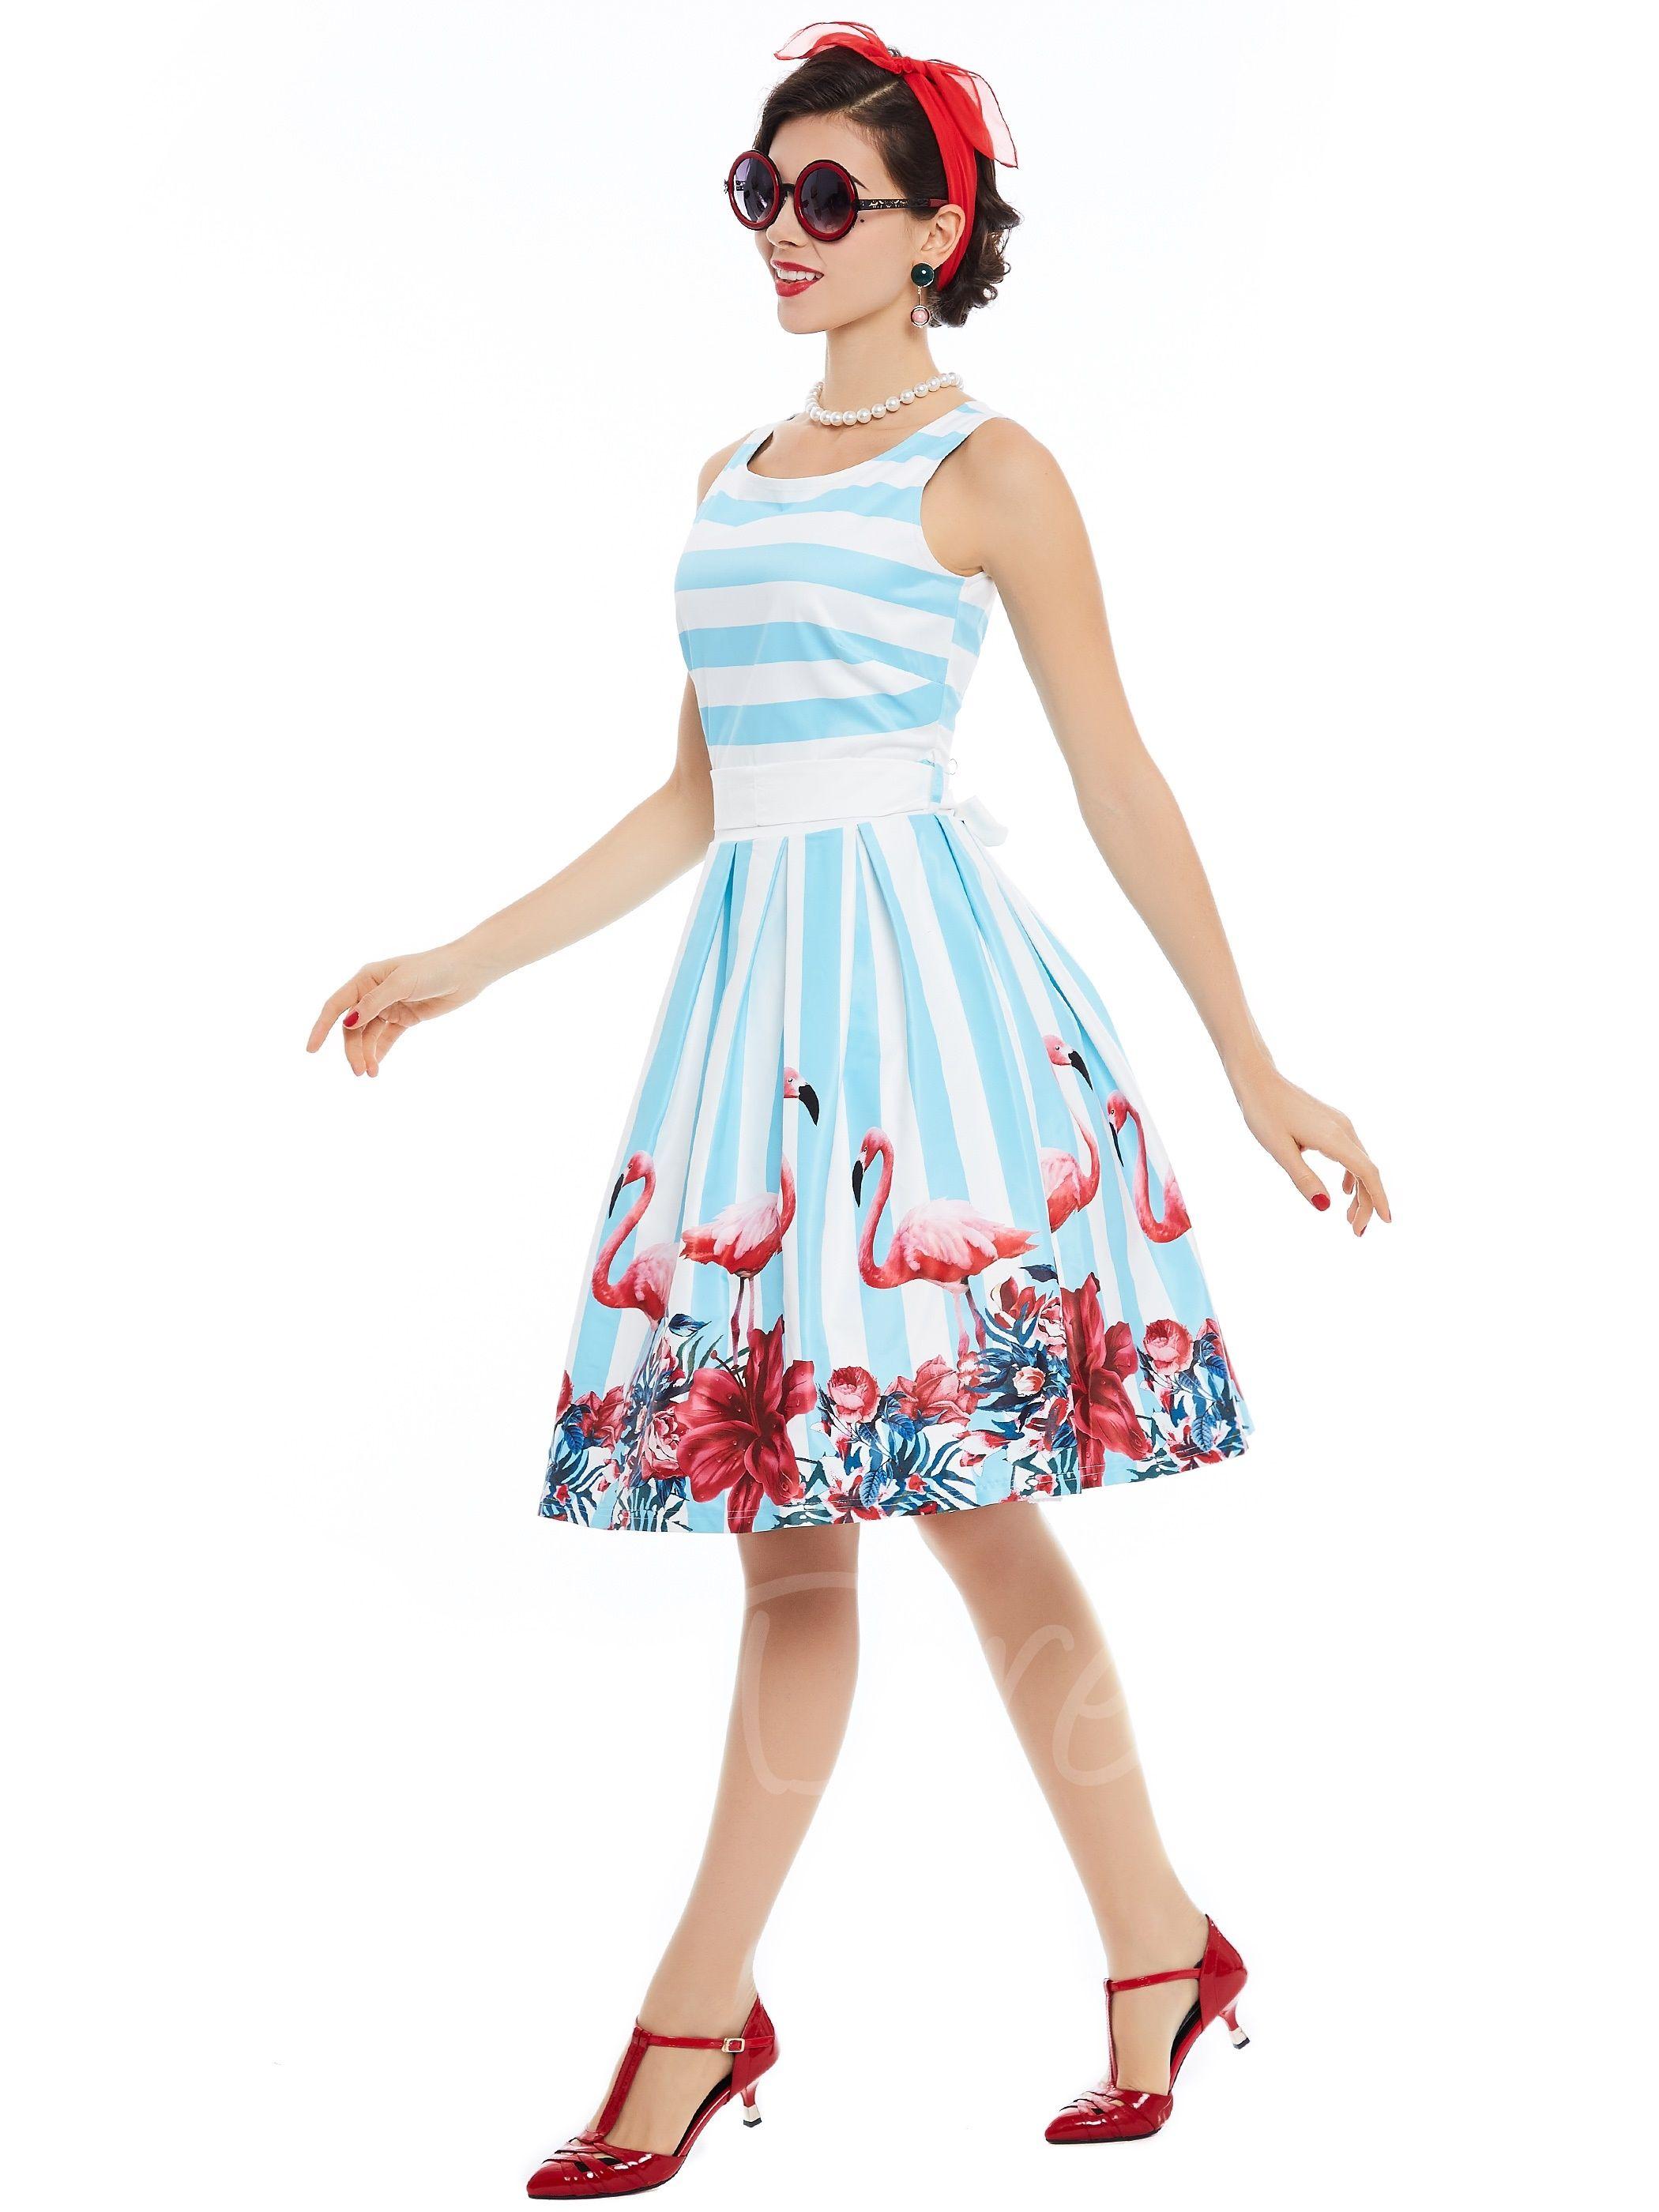 78ddfcbae0 Light Blue Striped Printing Women s Skater Dress en 2019